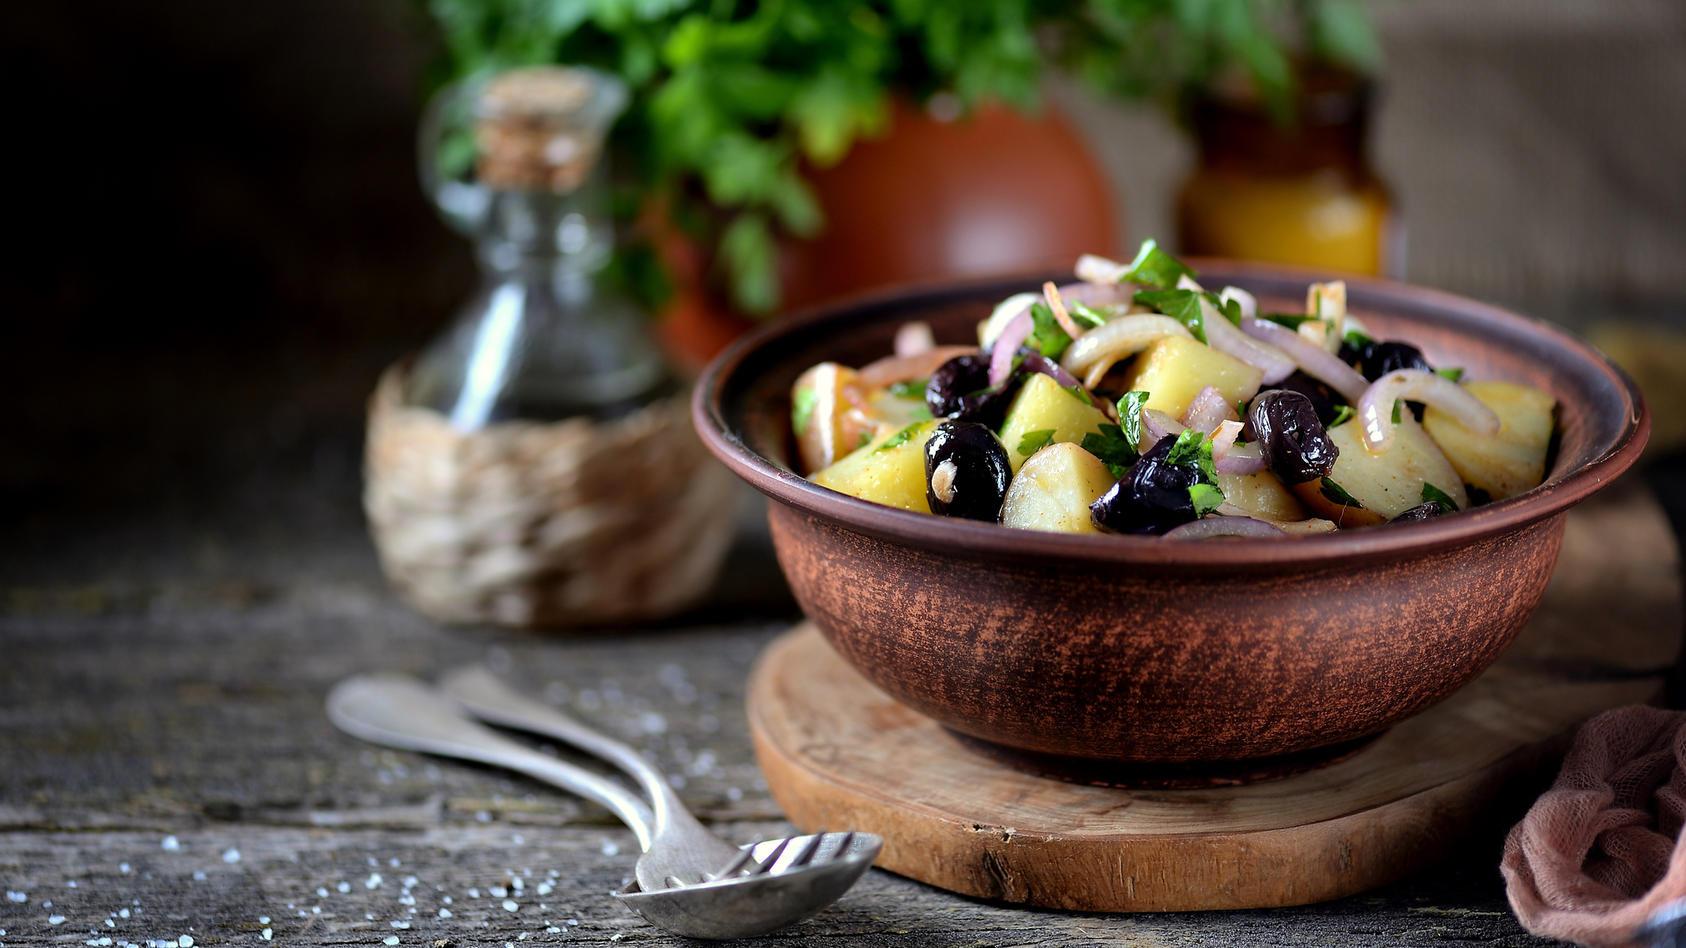 Kartoffelsalat ist ein echtes Allround-Talent, weil man ihn zu vielen verschiedenen Anlässen zubereiten kann und es ihn in den unterschiedlichsten Varianten gibt!